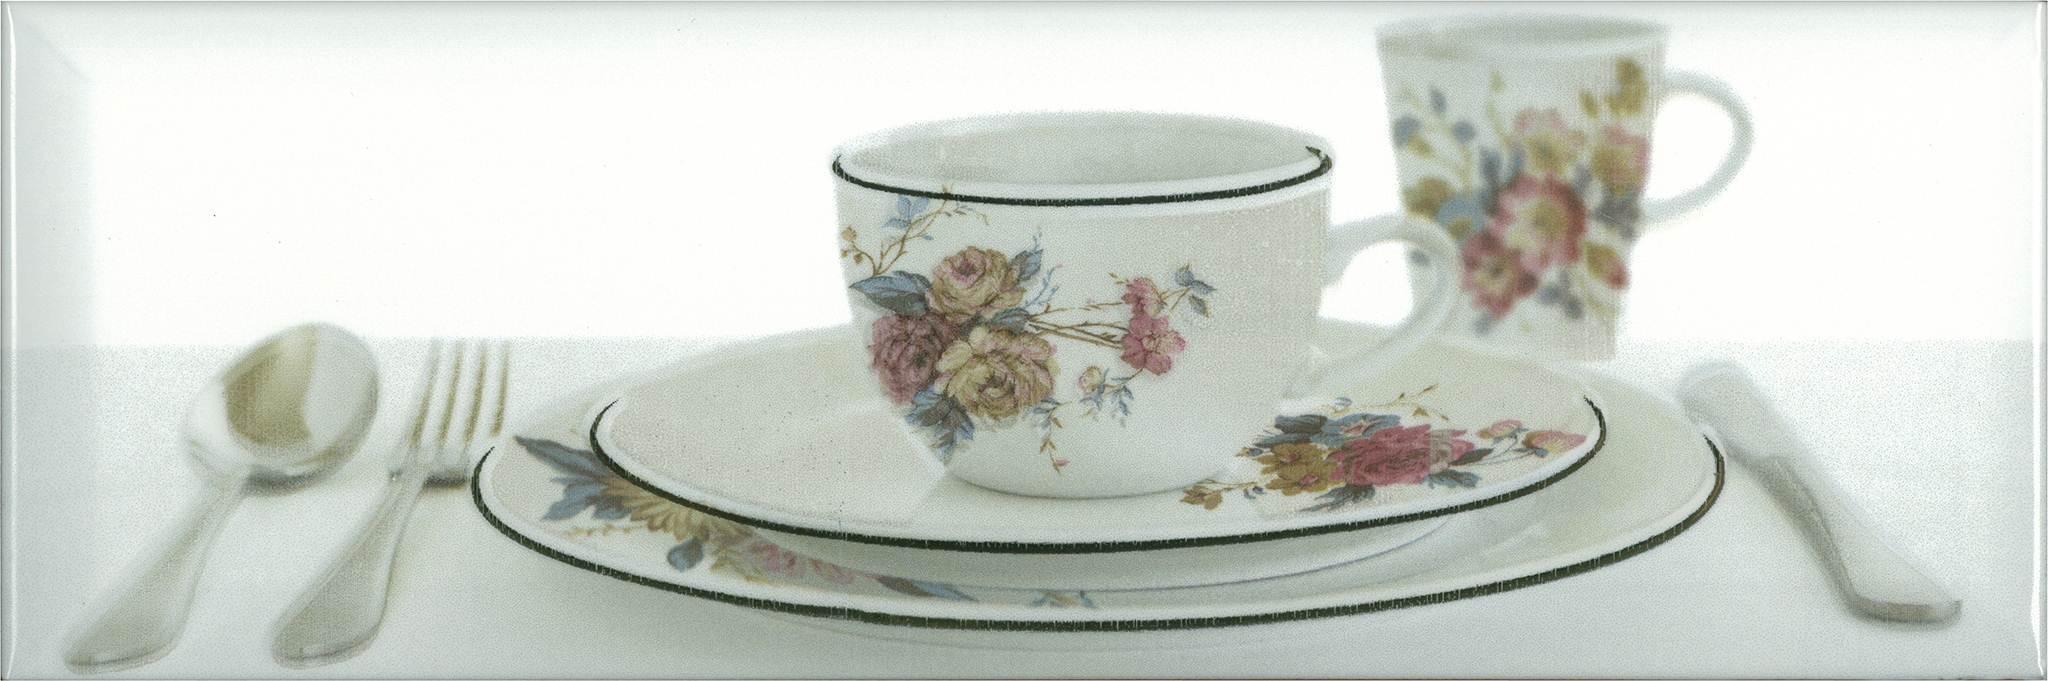 Купить Керамическая плитка Absolut Keramika Decor Tea 03 White B декор 10x30, Испания